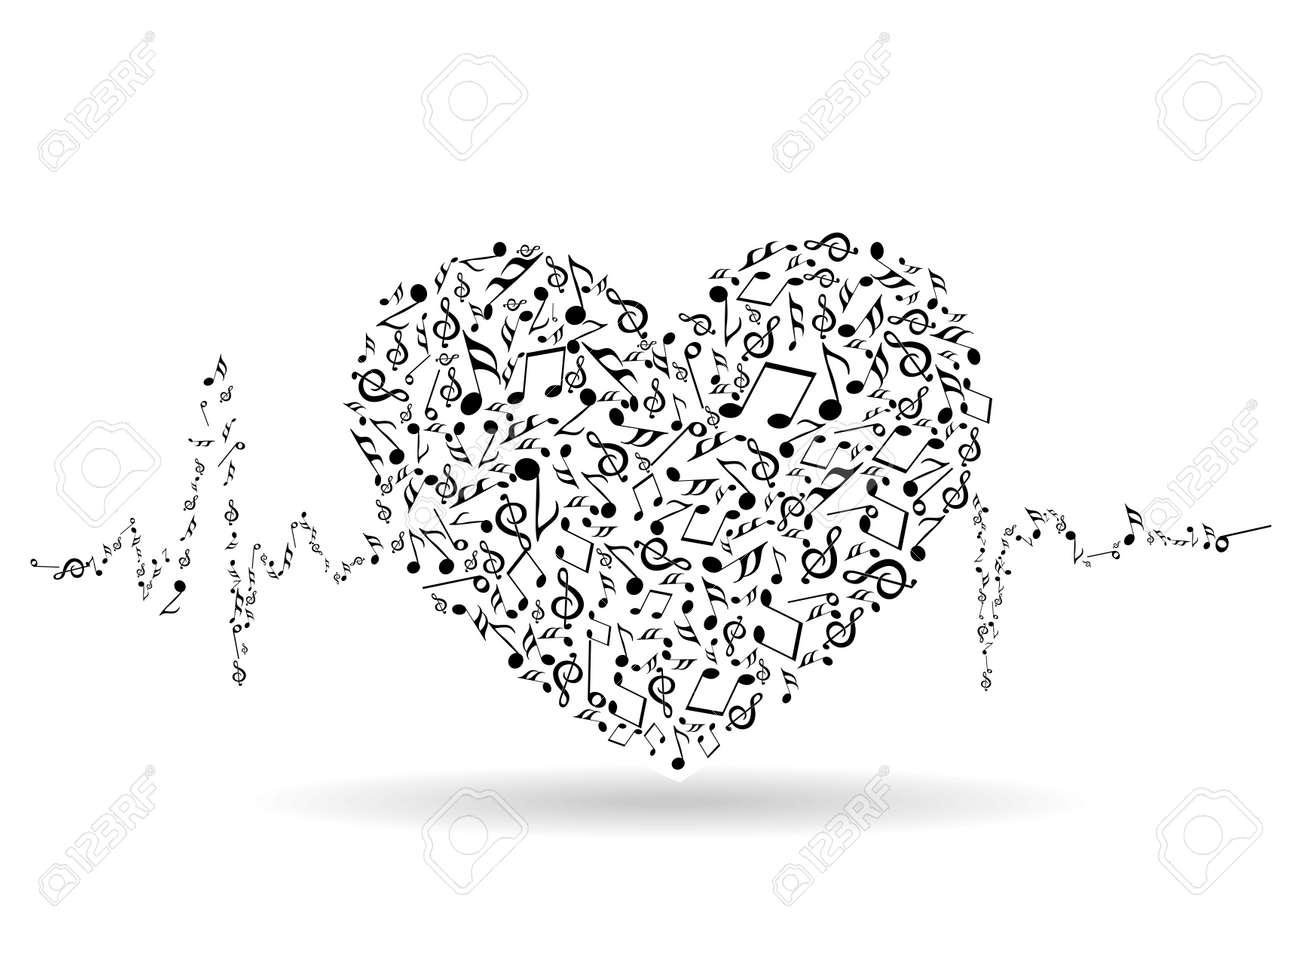 Eine Schöne Valentinskarte Mit Musikalischen Herzform Und ...